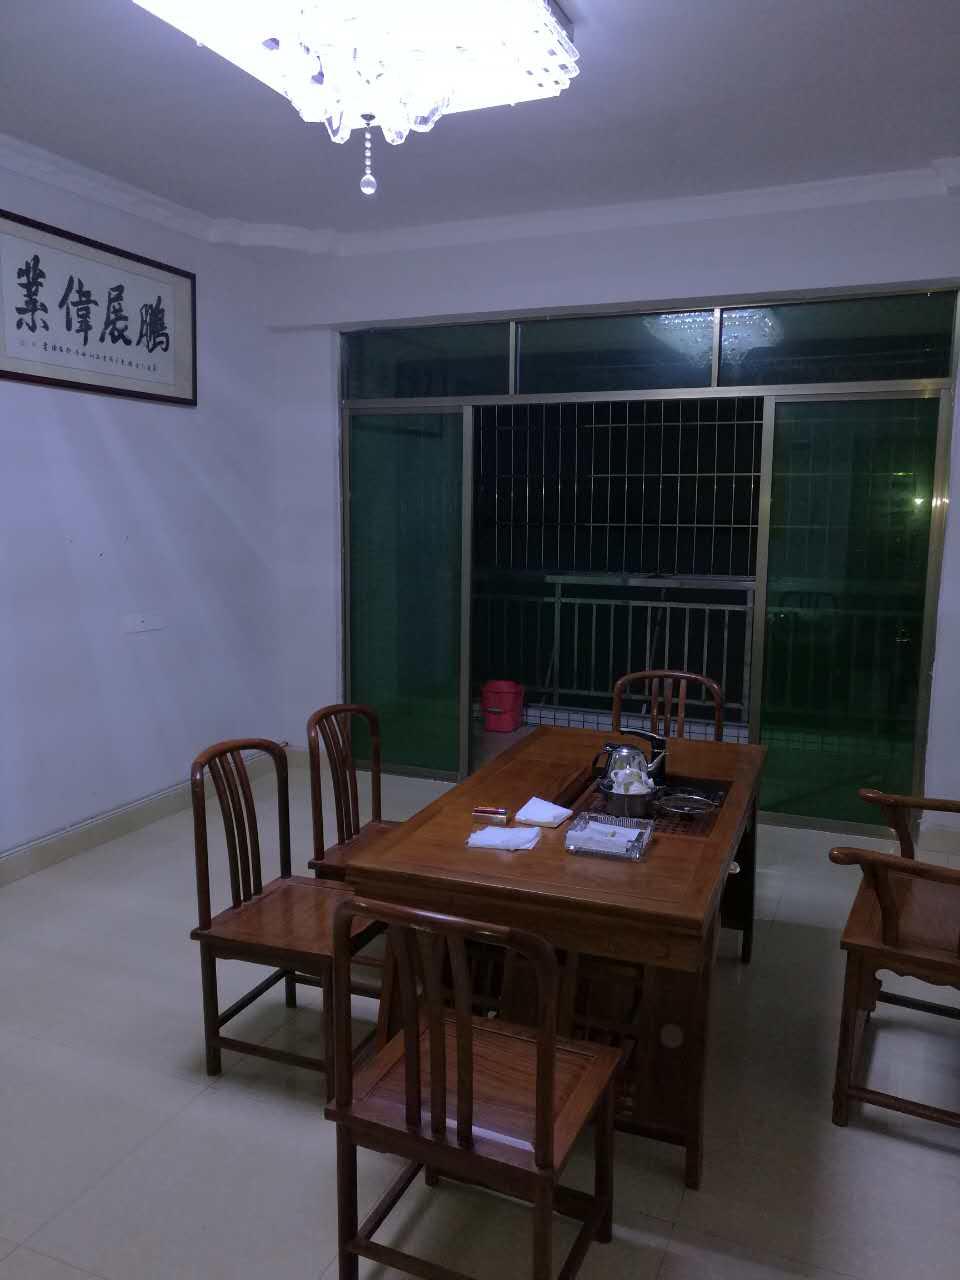 深圳公明楼村小产权三房110平米58万,户型方正实用 三房二厅 第8张